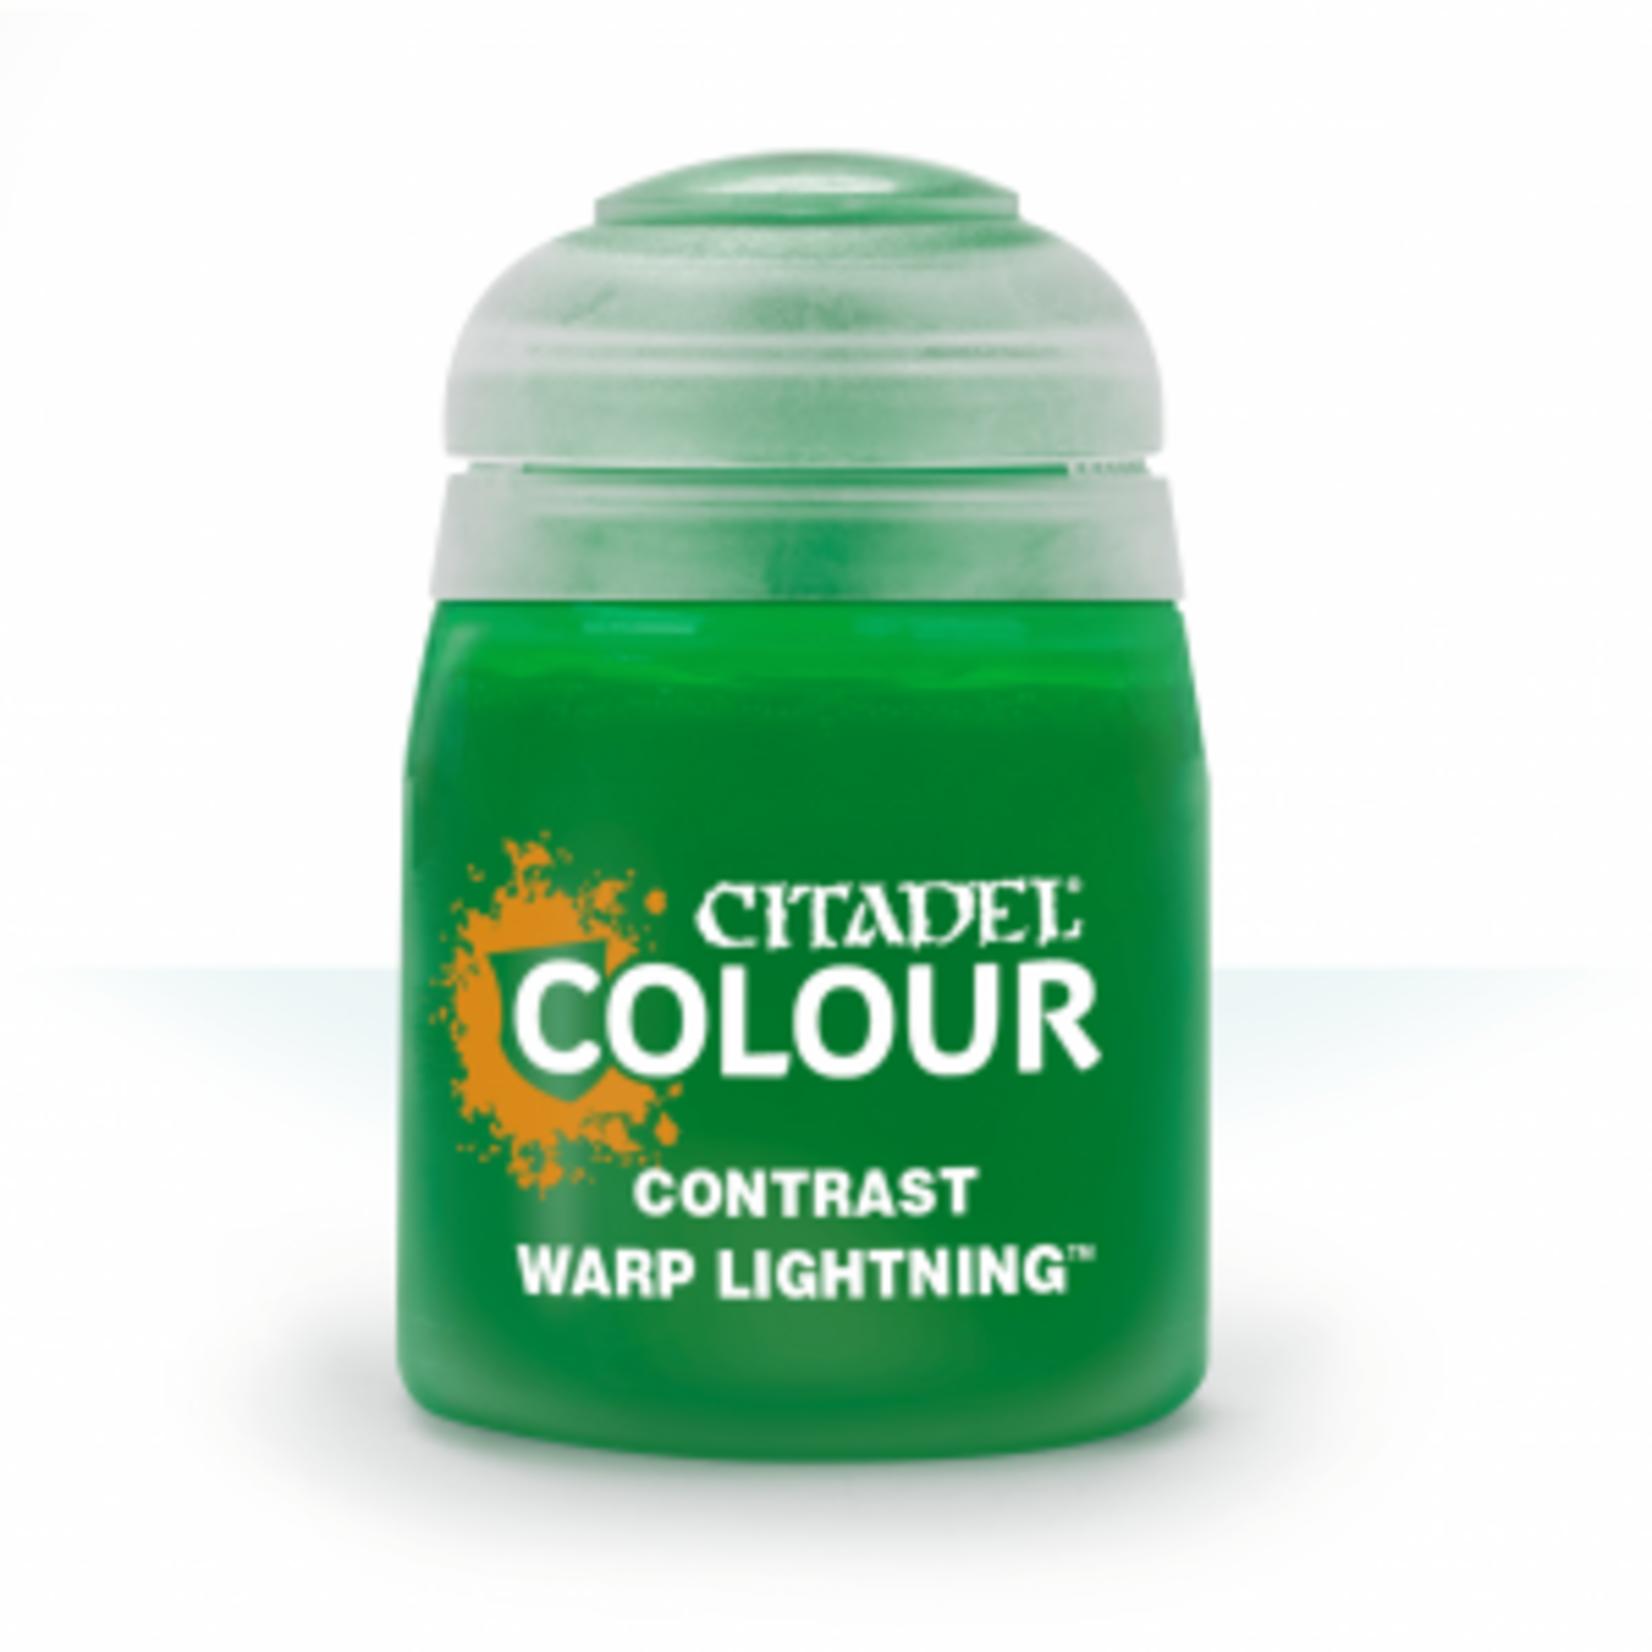 Citadel Contrast Warp Lightning